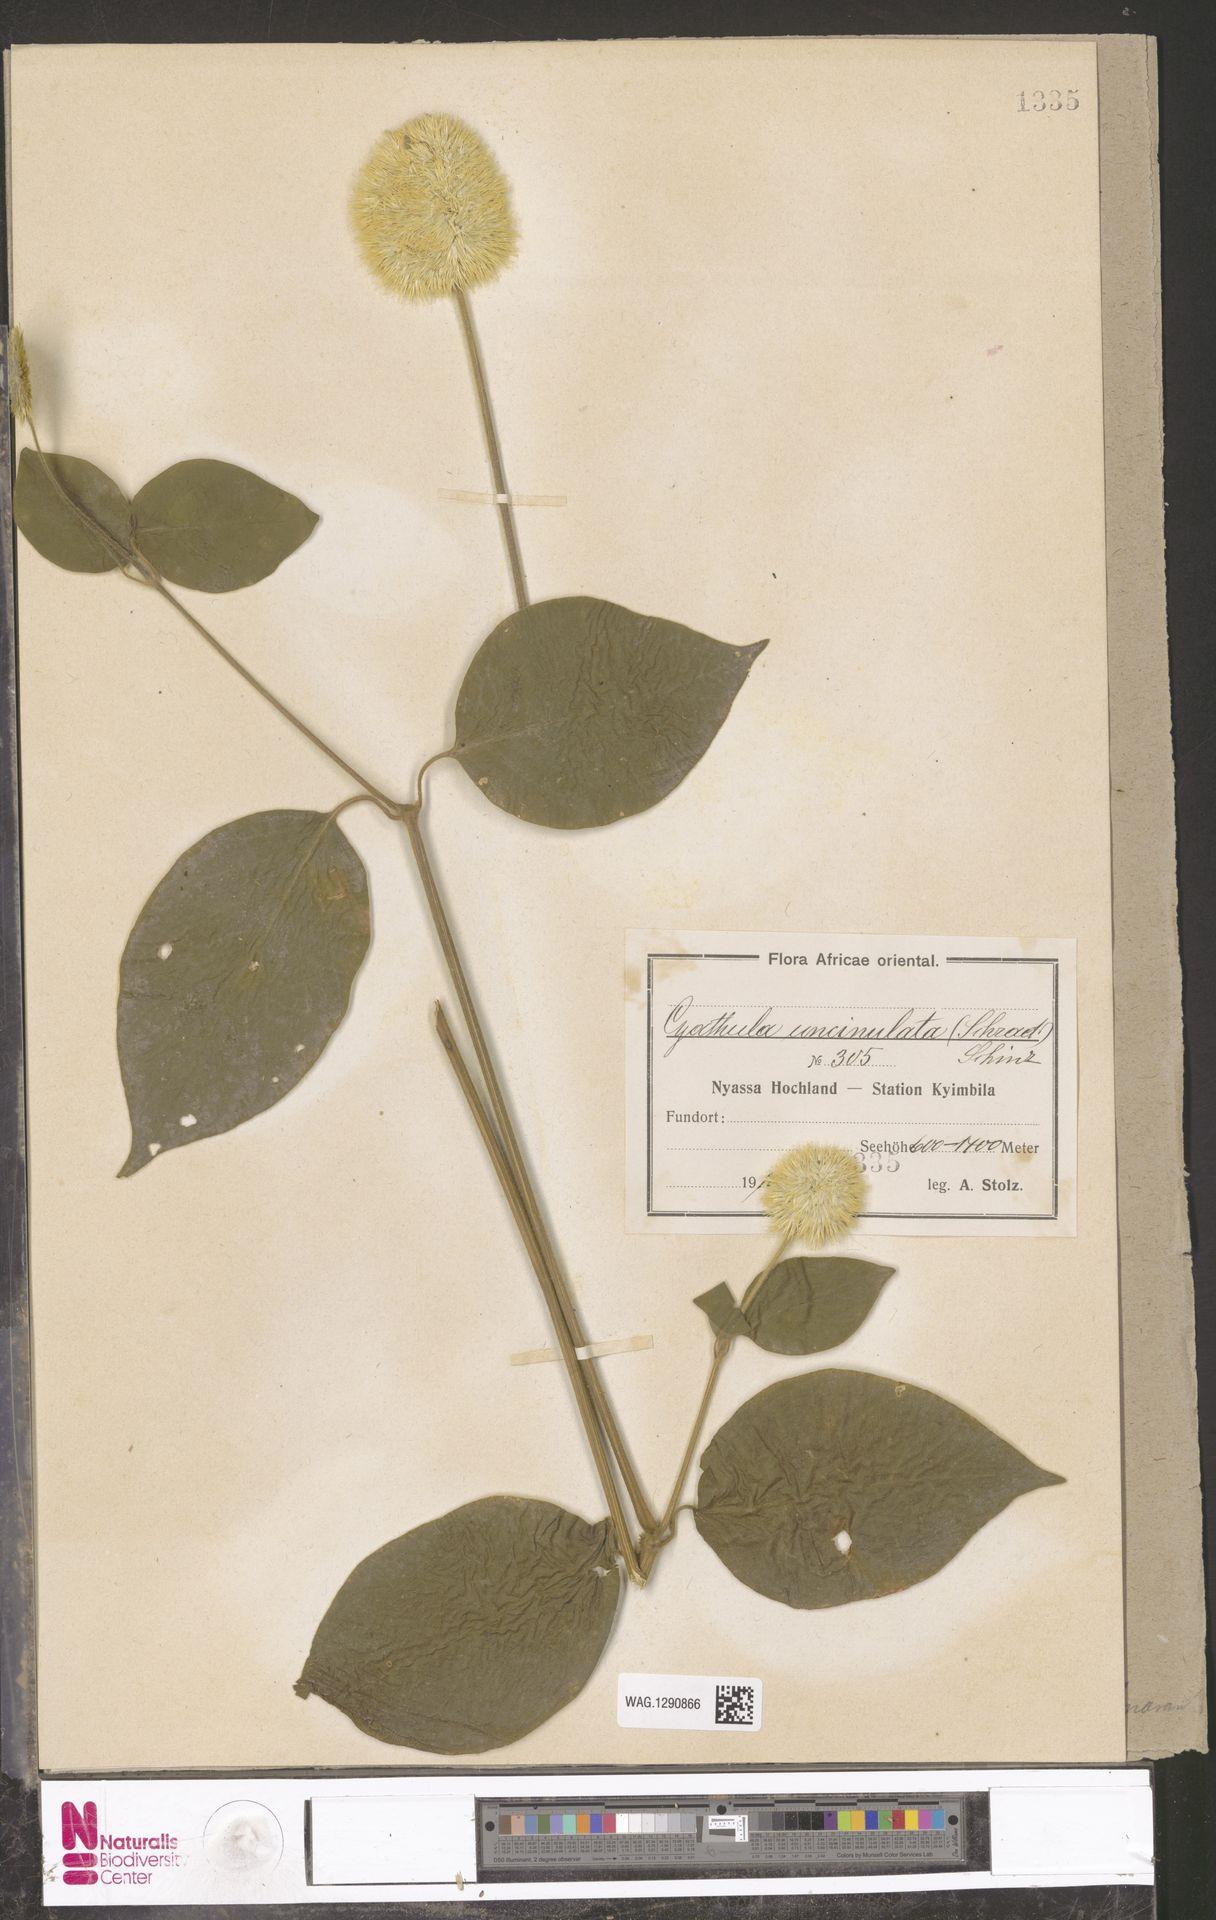 WAG.1290866   Cyathula uncinulata (Schrad.) Schinz